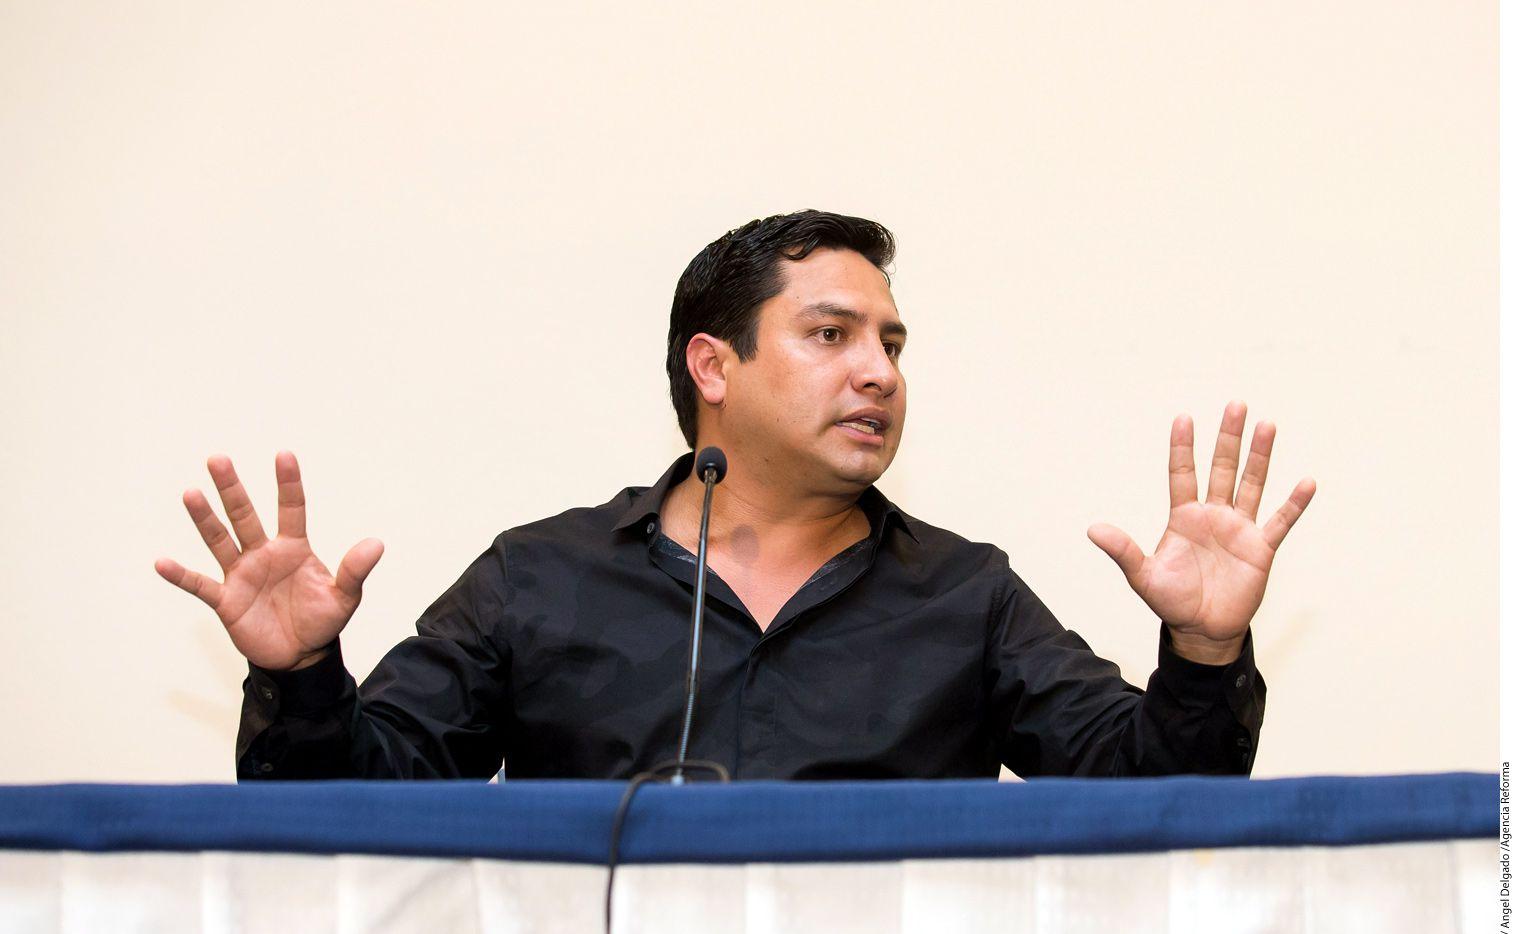 Julión Álvarez dijo que veía venir la cancelación de contratos, o la suspensión de los mismos, luego de que el Departamento del Tesoro de Estados Unidos lo incluyera en su lista de personas con nexos con el narcotráfico./ AGENCIA REFORMA